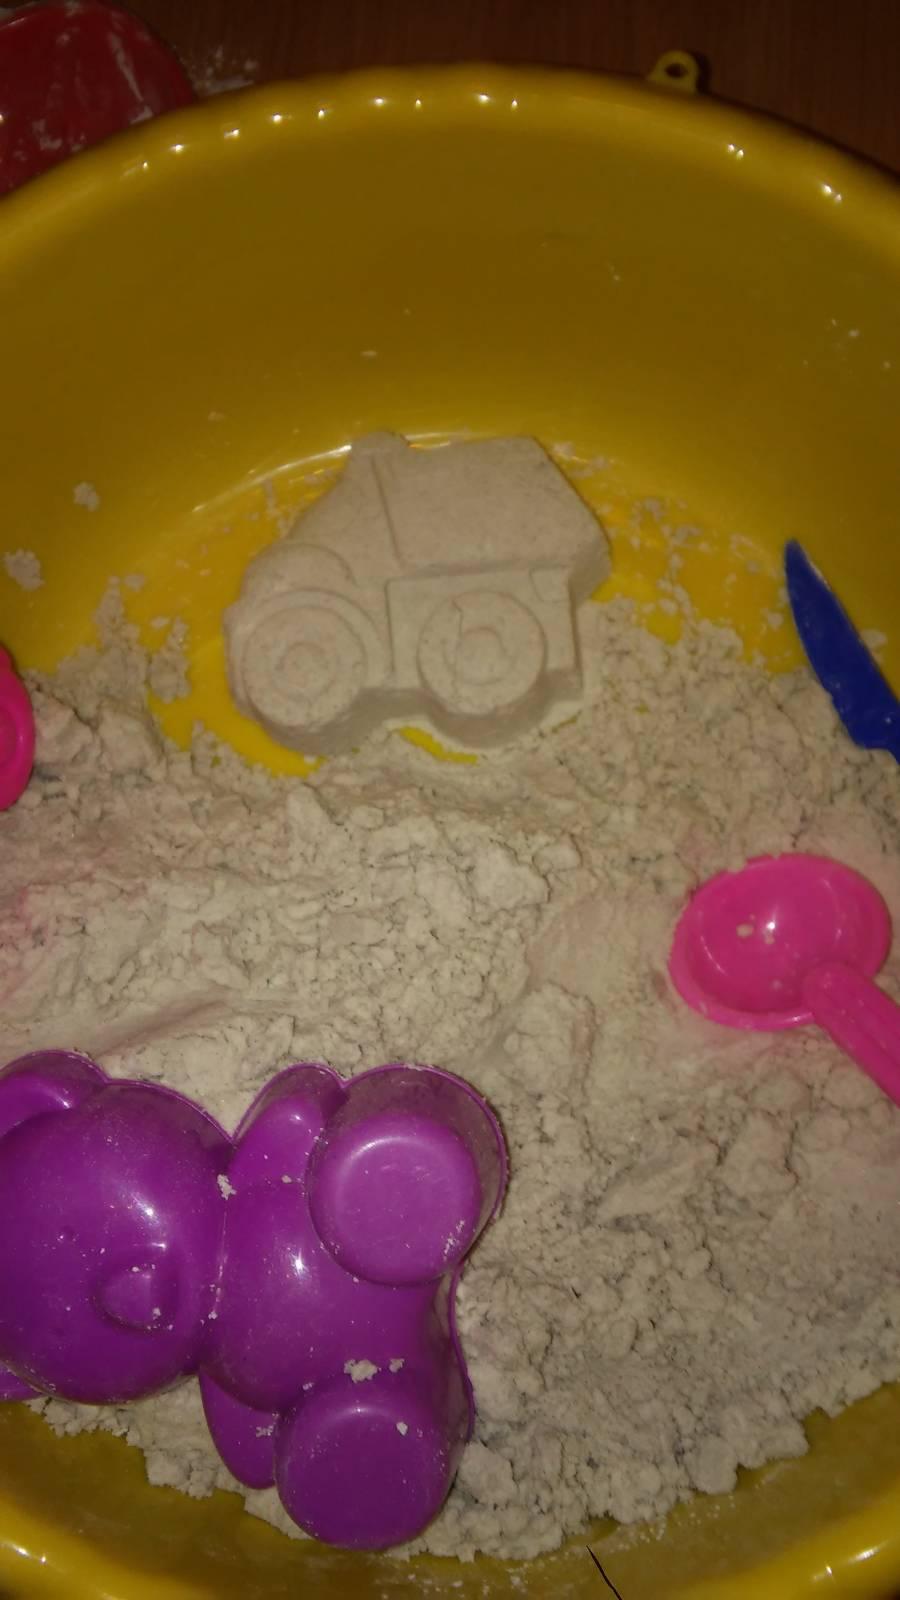 Что такое кинетический песок и как сделать его своими руками?